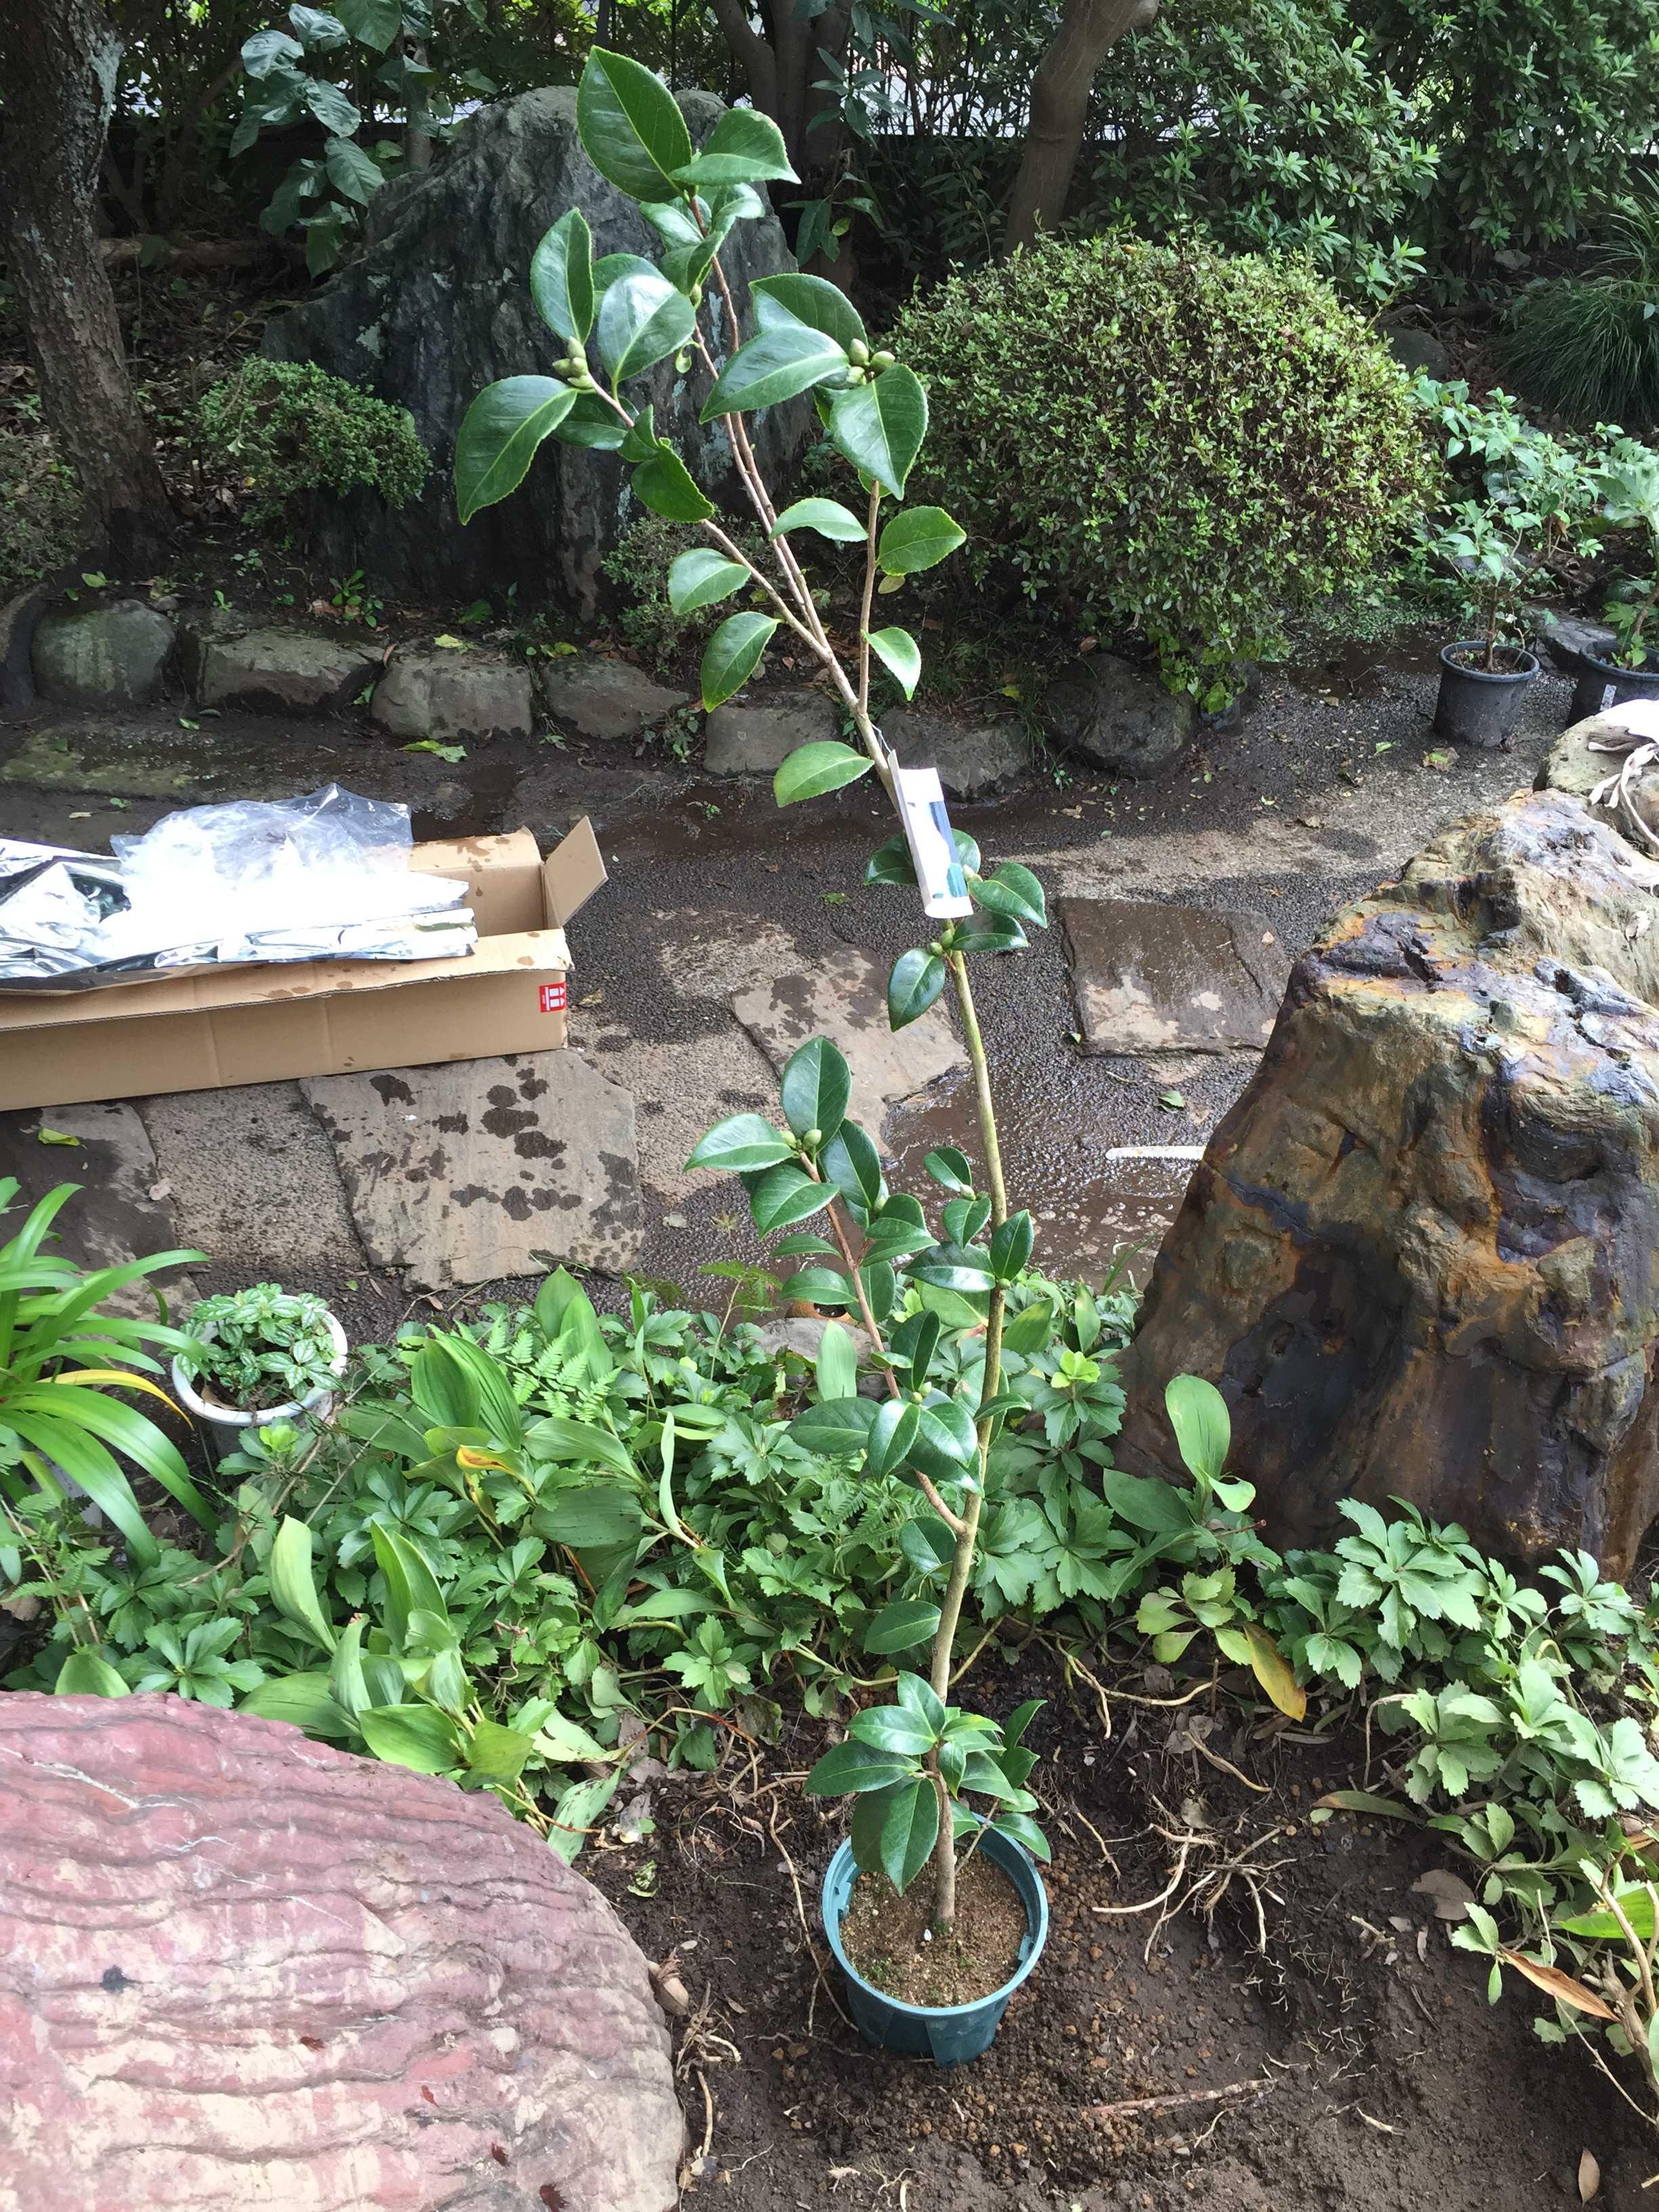 ポット植え(鉢植え)の乙女椿の苗木